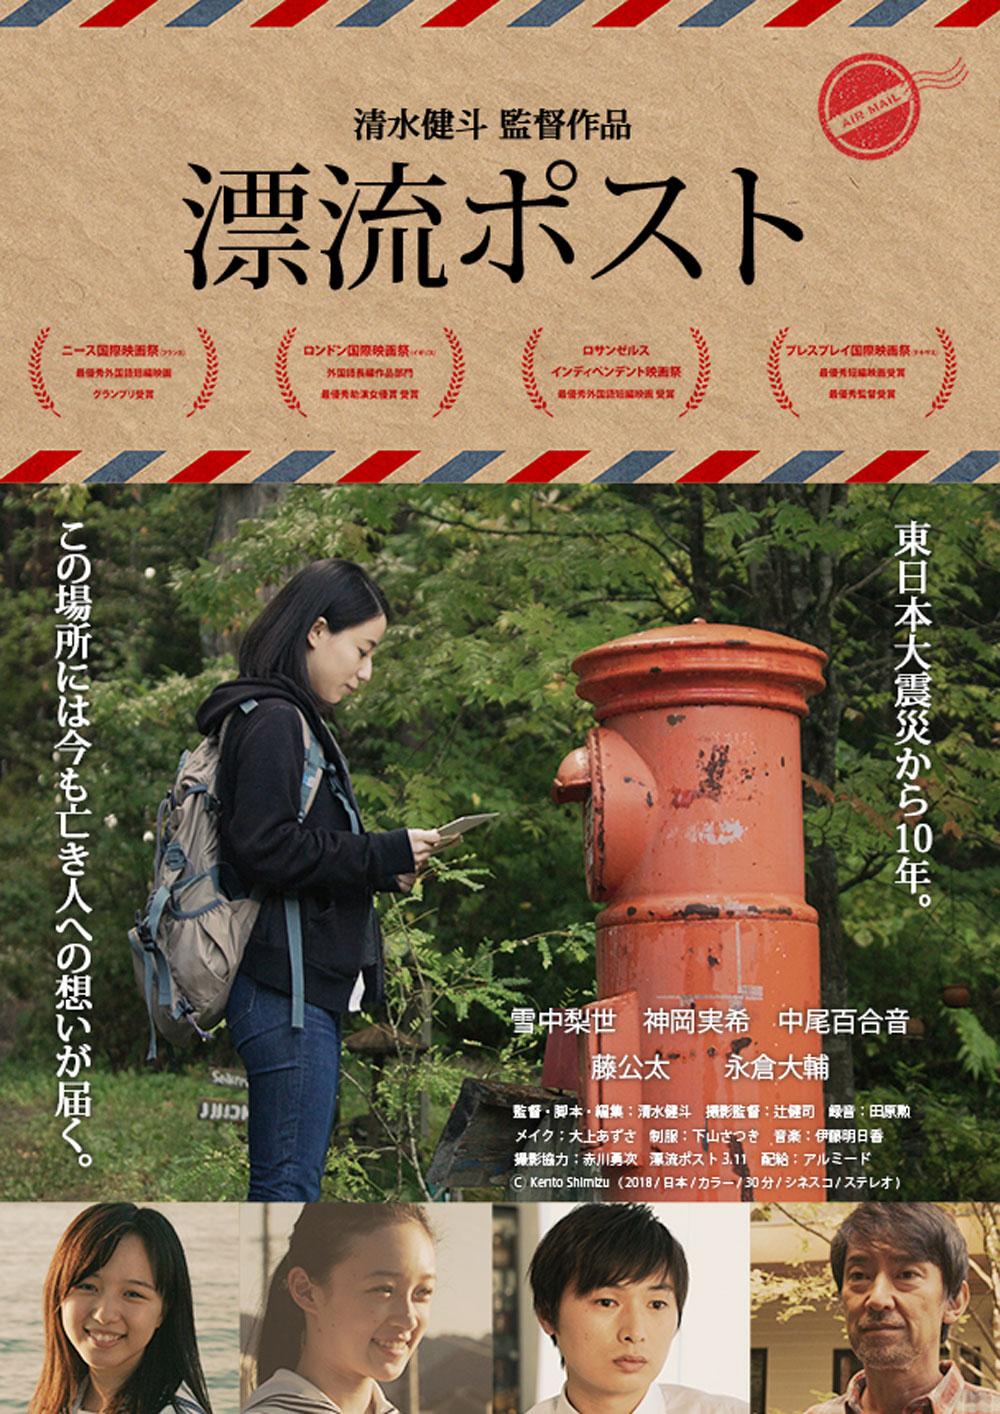 """震災で大切な人を亡くした人の""""心の復興""""を描く映画『漂流ポスト』、各国の映画祭での評判を受け、日本での公開が決定!"""